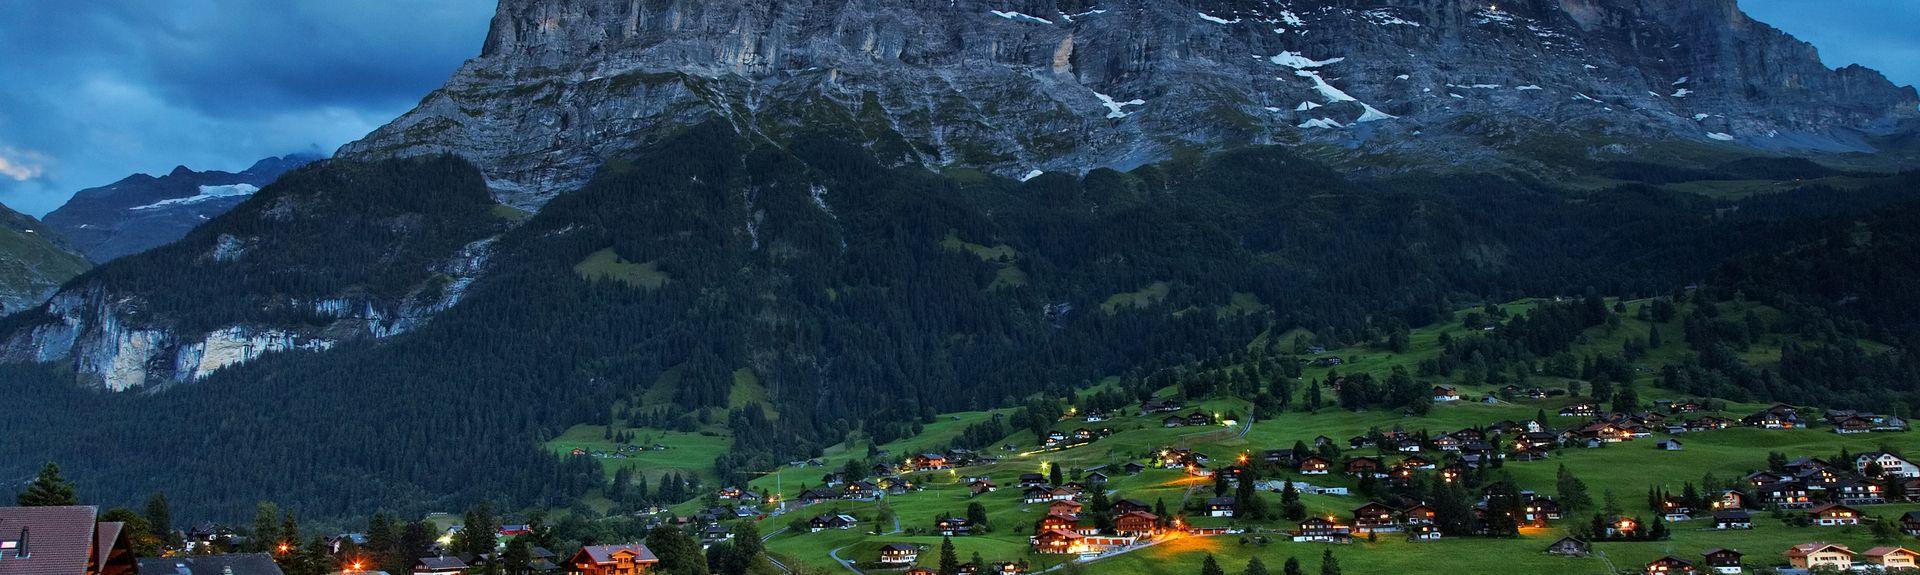 Grindelwald, Kanton Bern, Schweiz